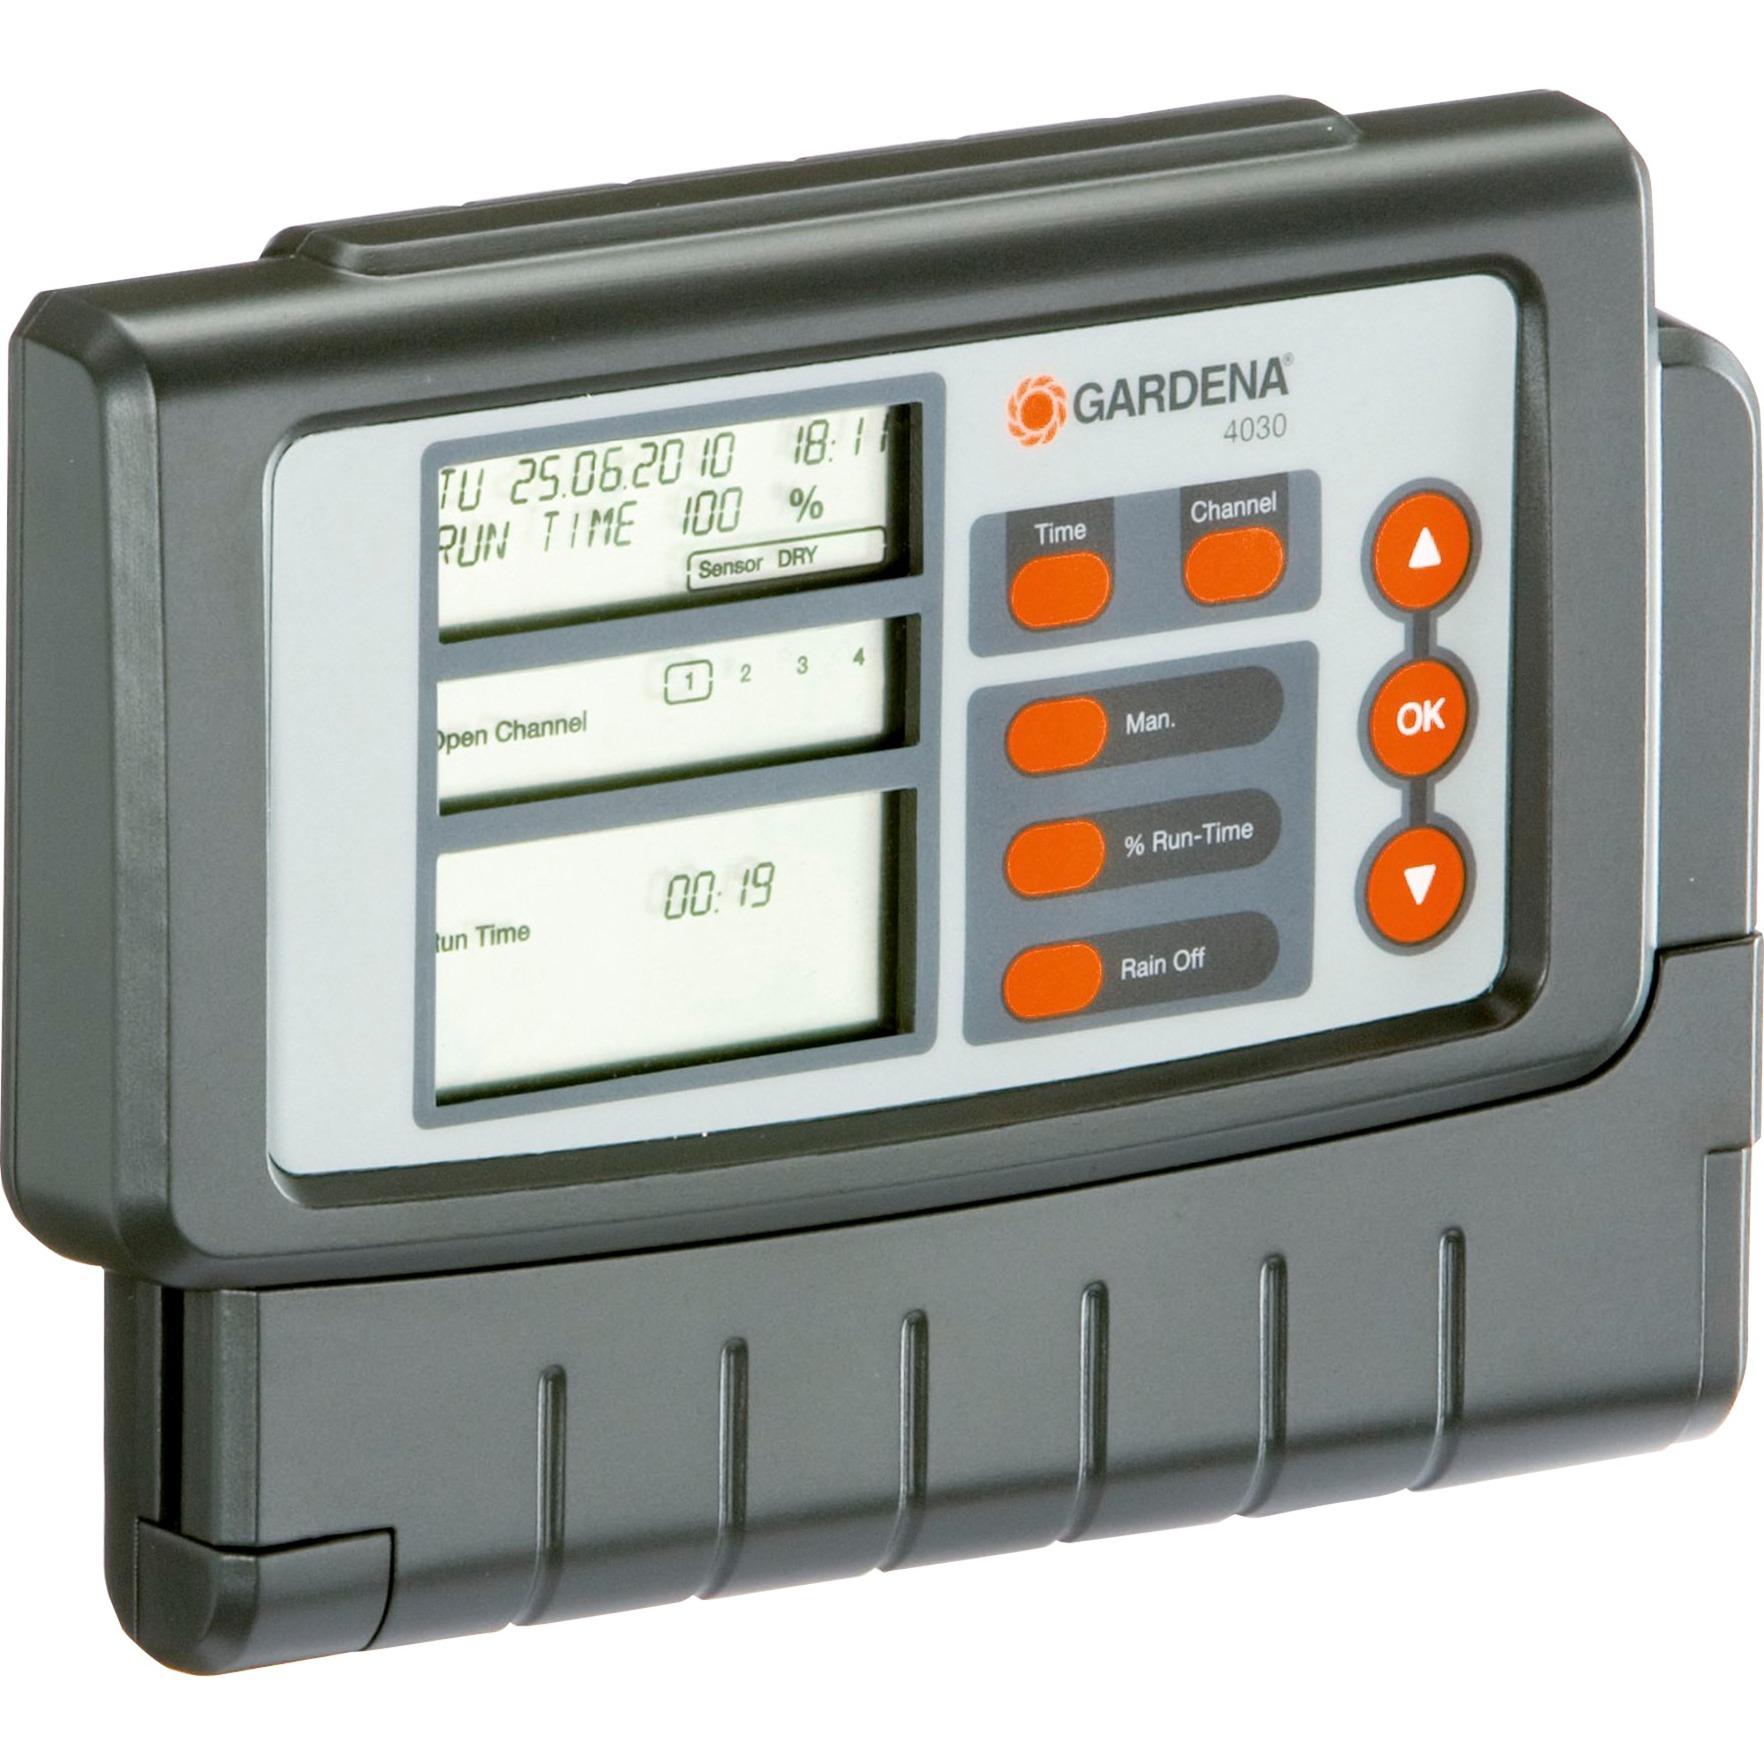 Sistema irrigazione acqua controllo timer automatico for Sistema di irrigazione automatico